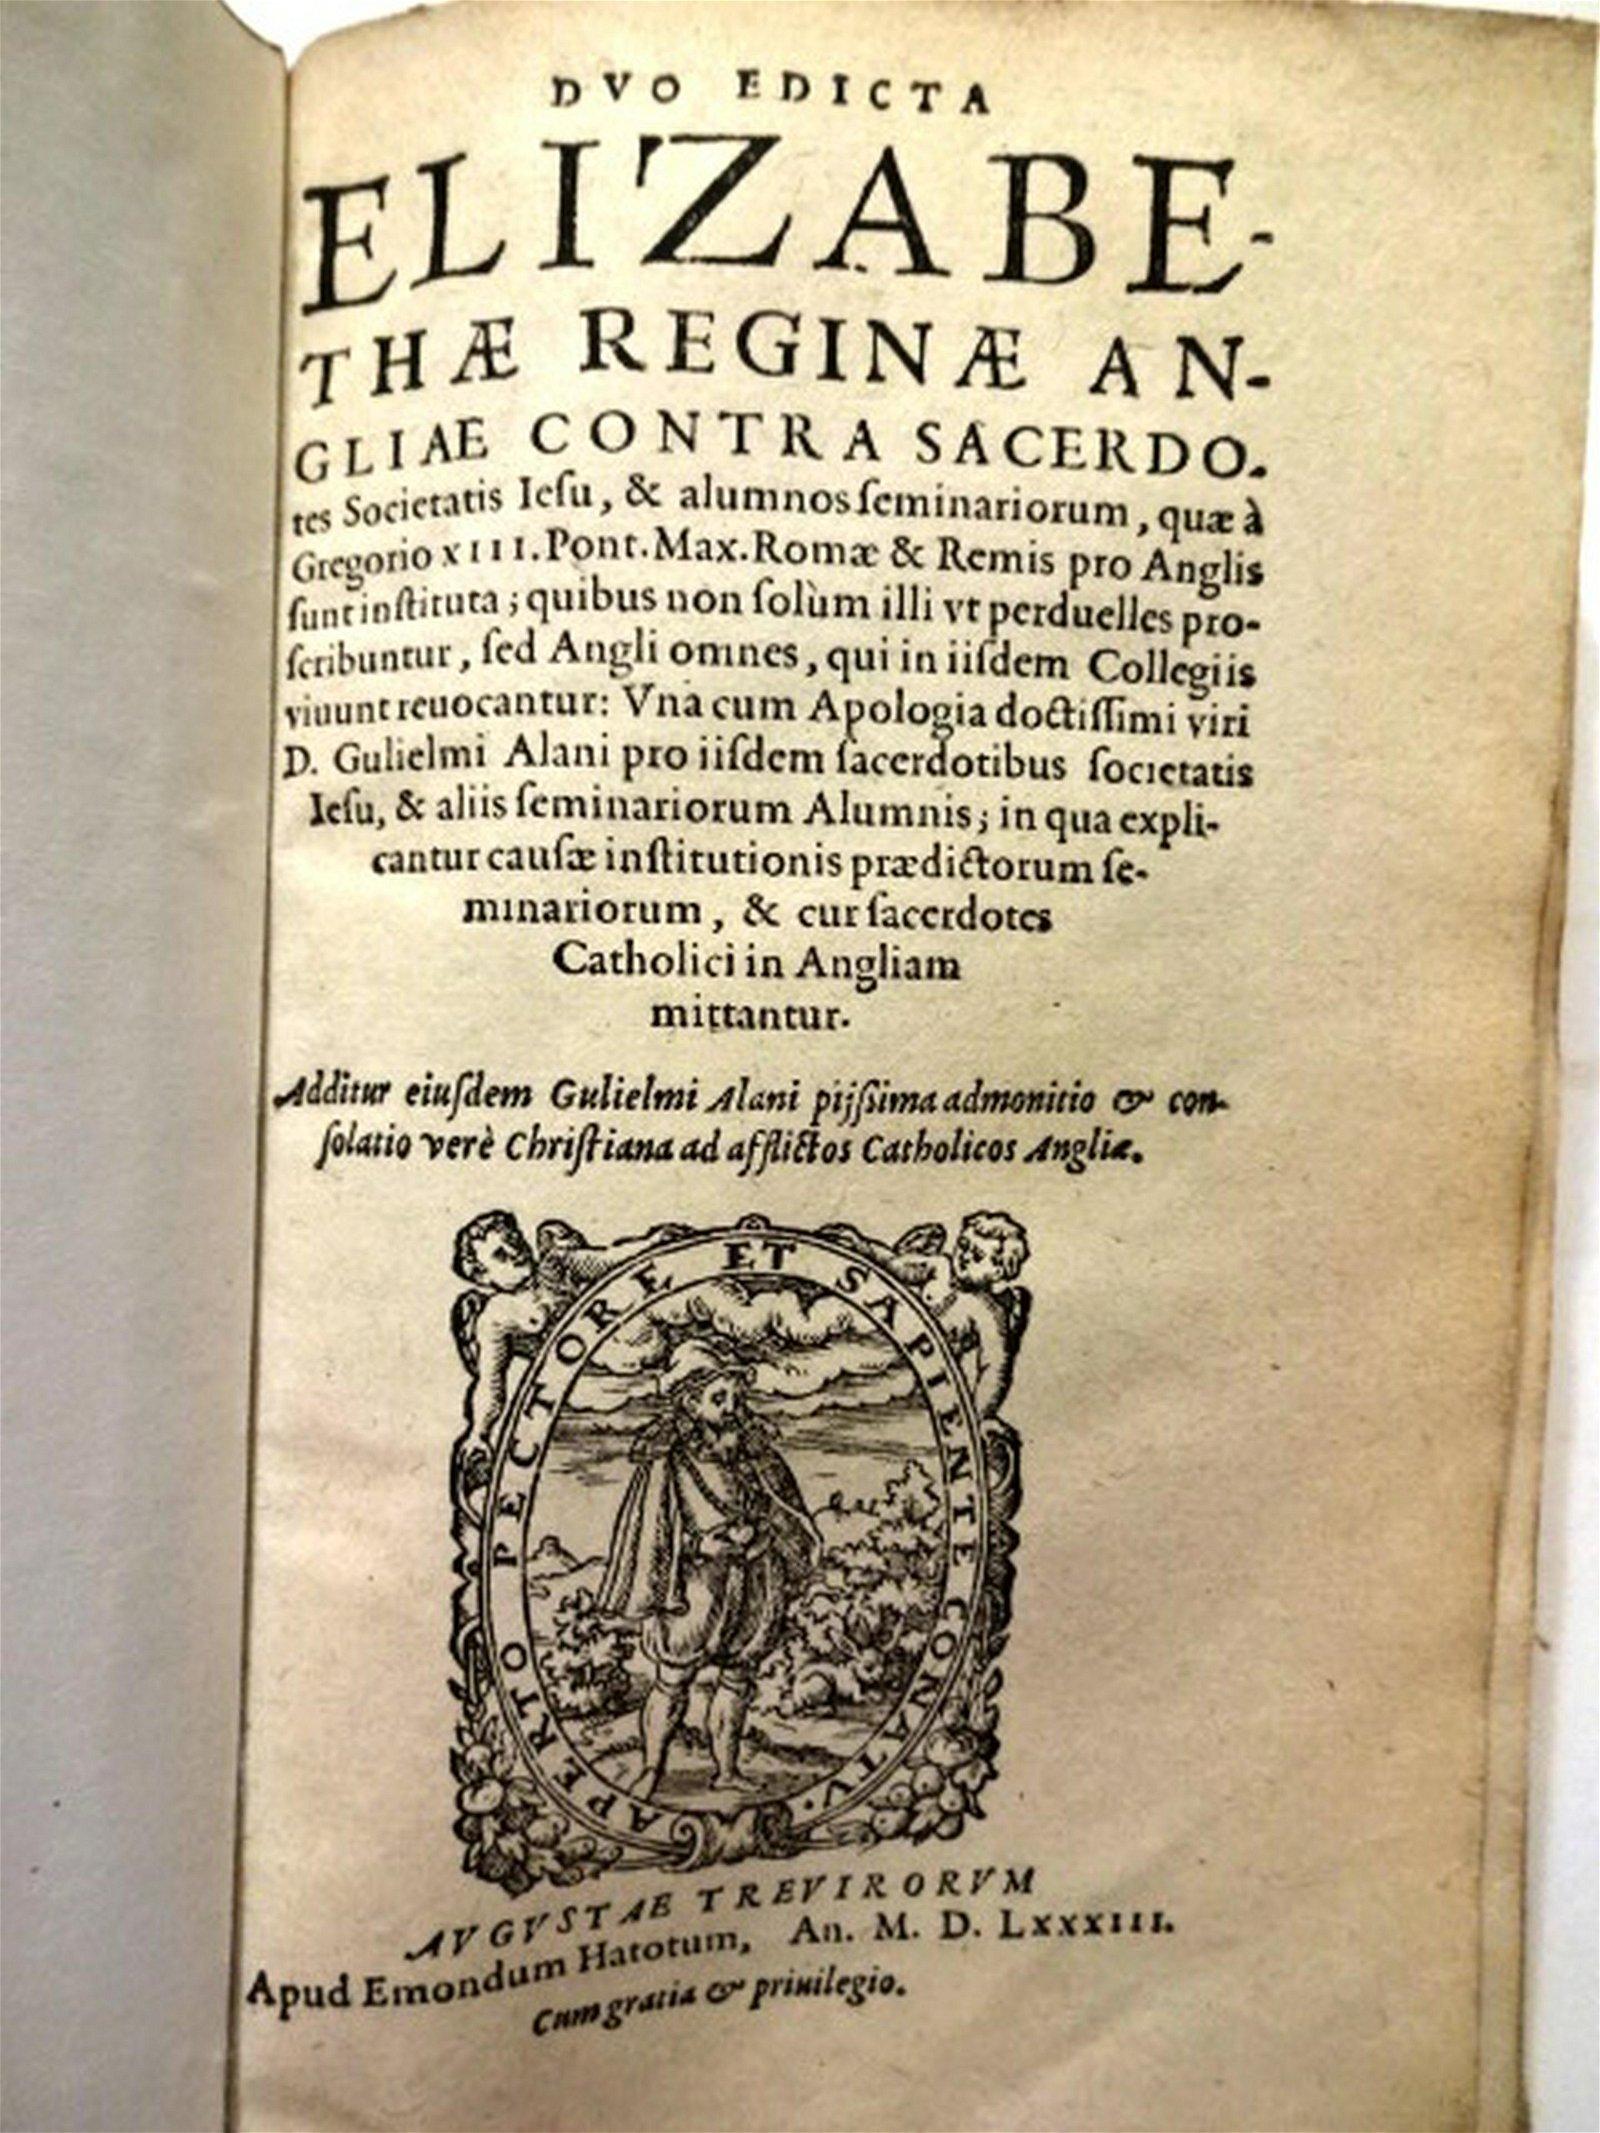 1583 Duo Edicta Elizabethae Reginae Anglia